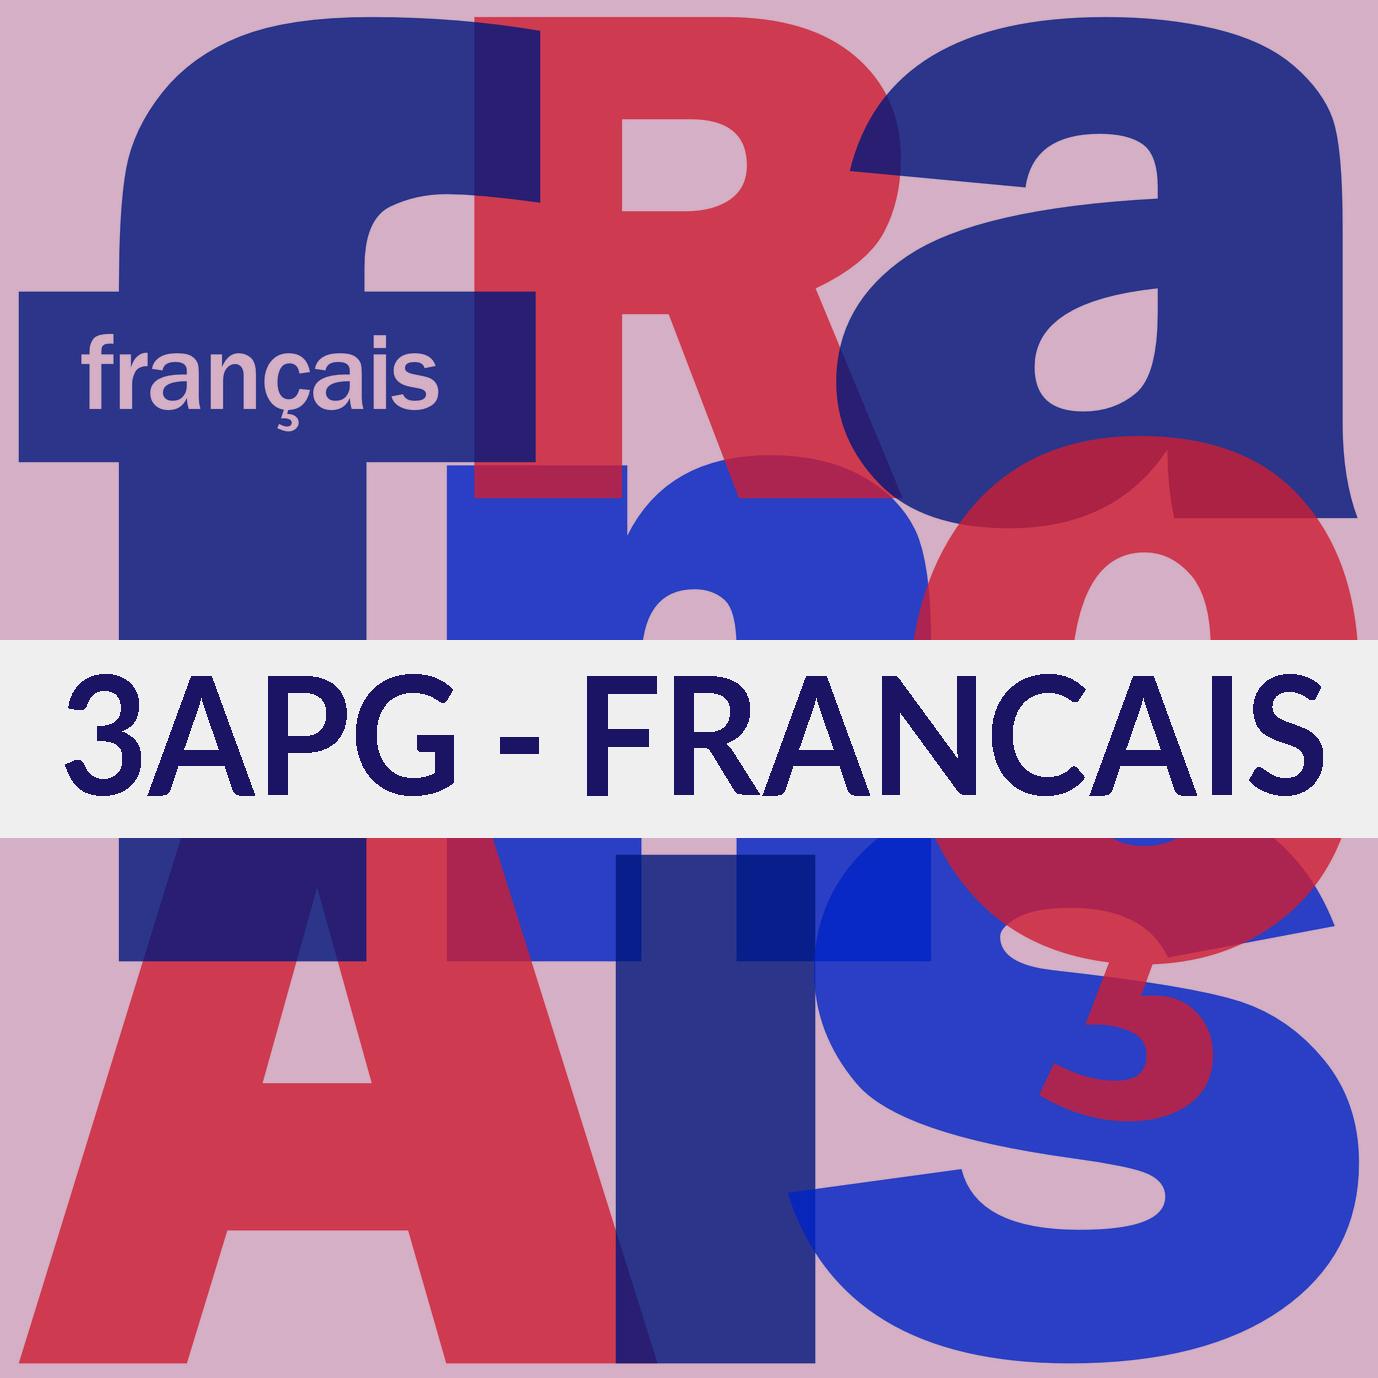 3APG-Français course image